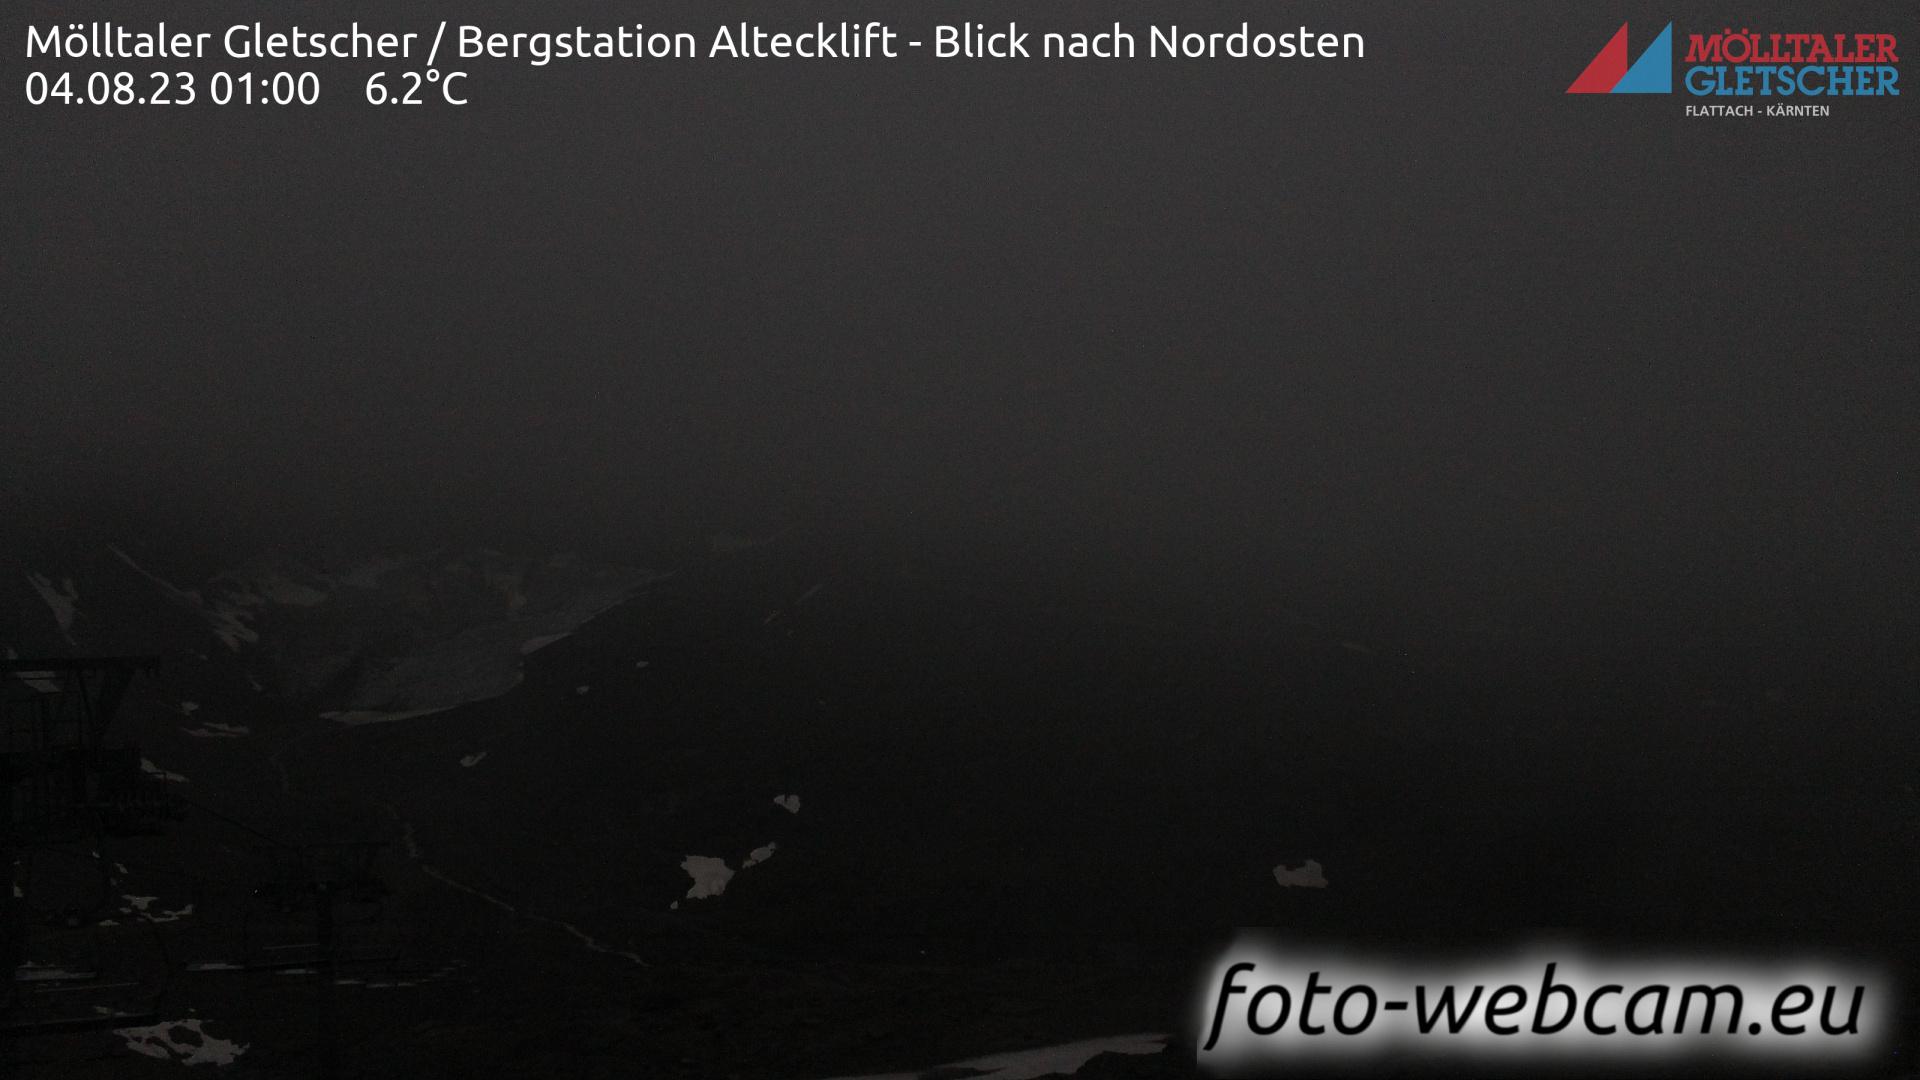 Mölltaler Gletscher Fr. 01:32